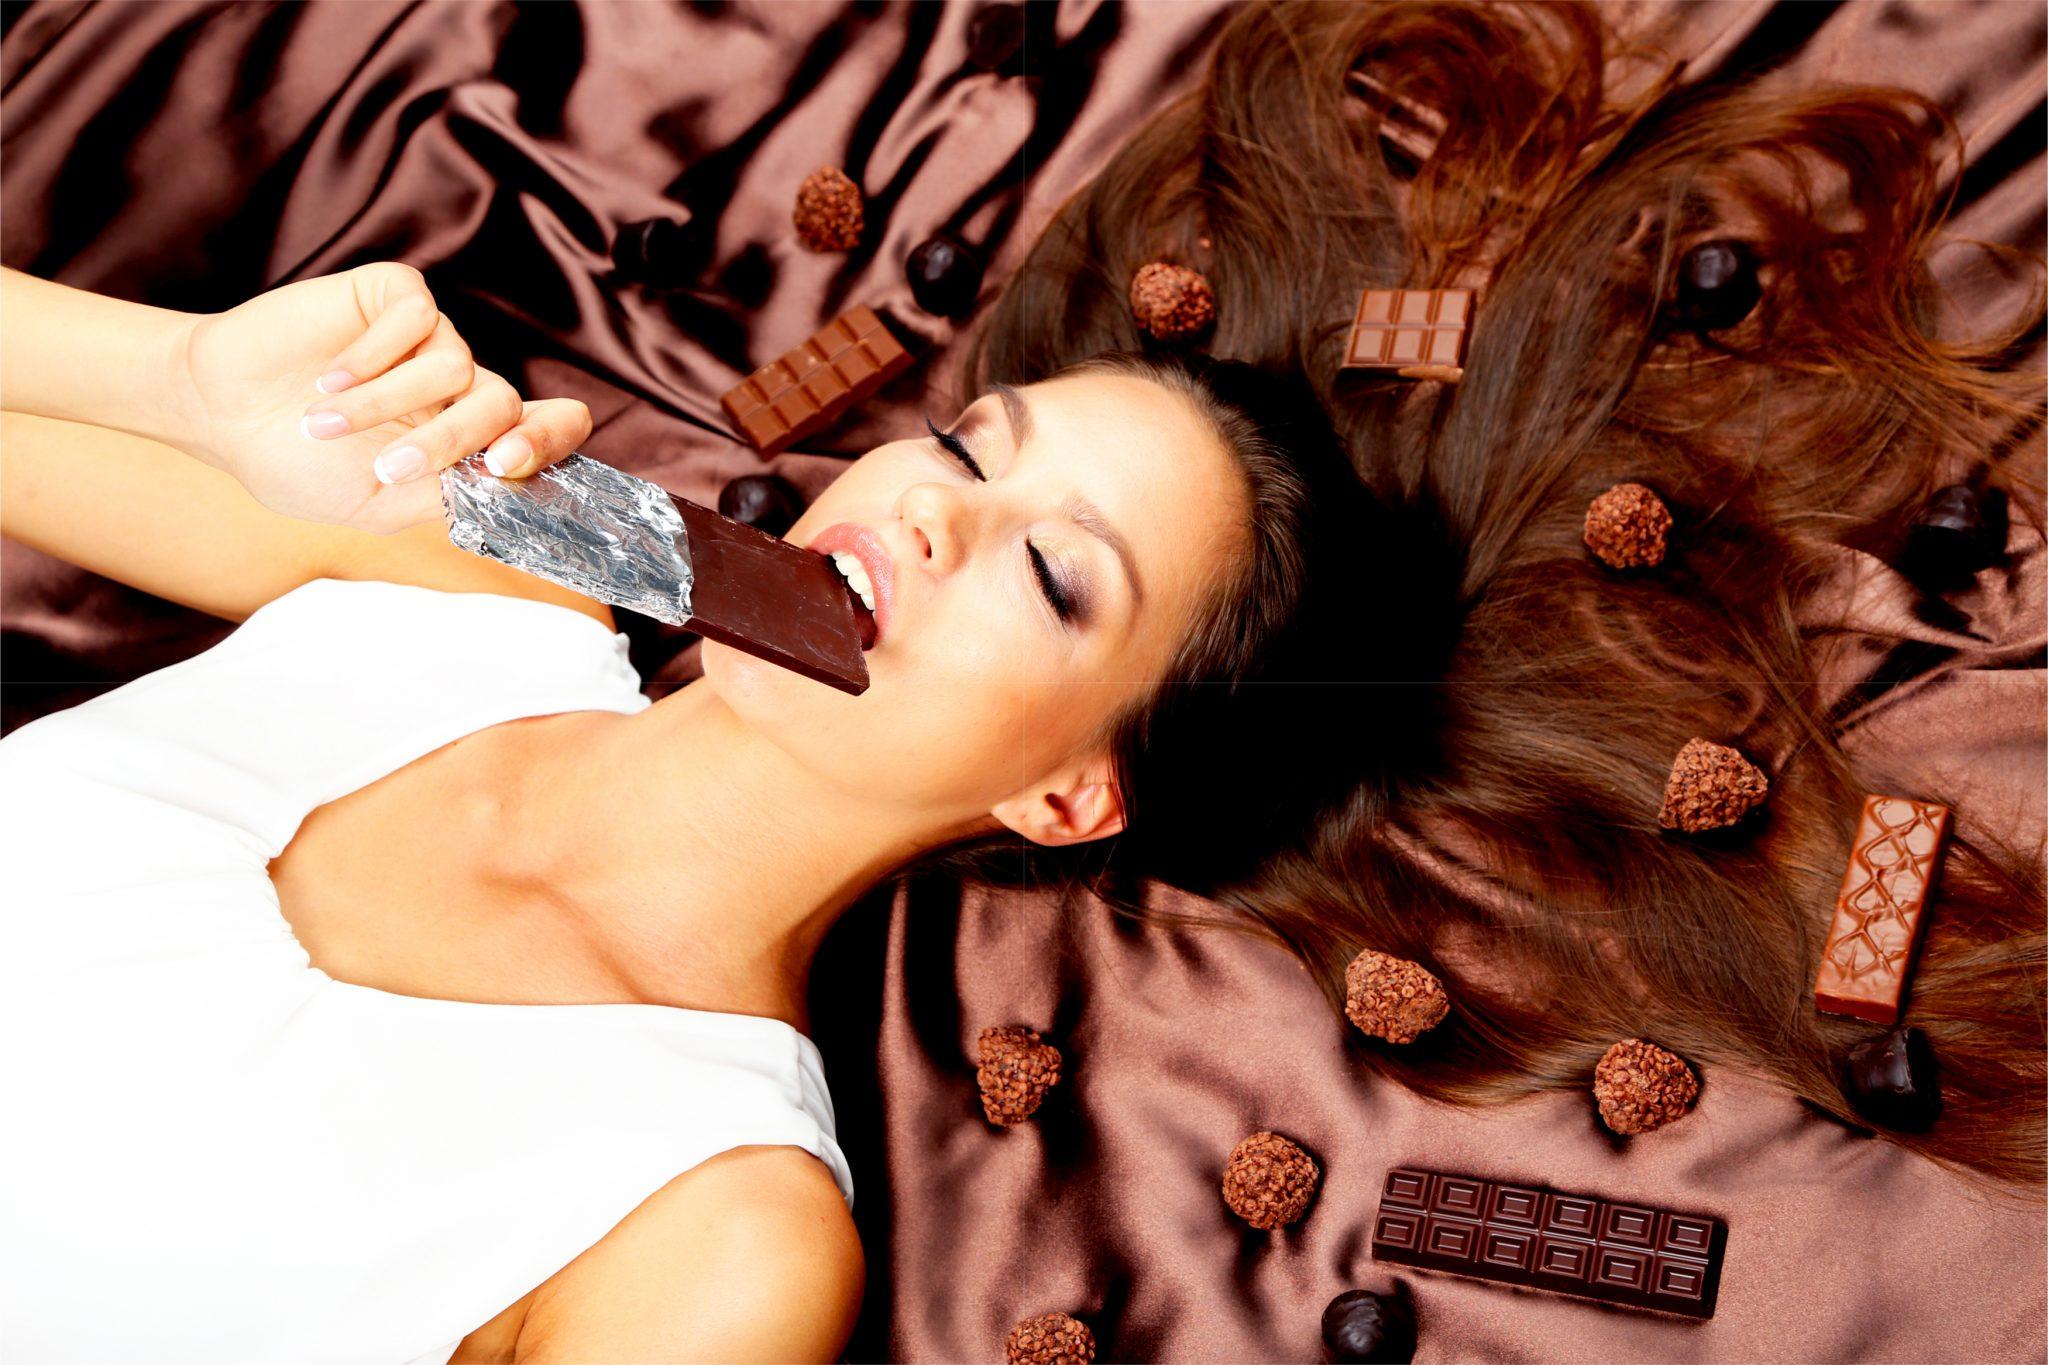 チョコレートを横になって食べている細身の女性